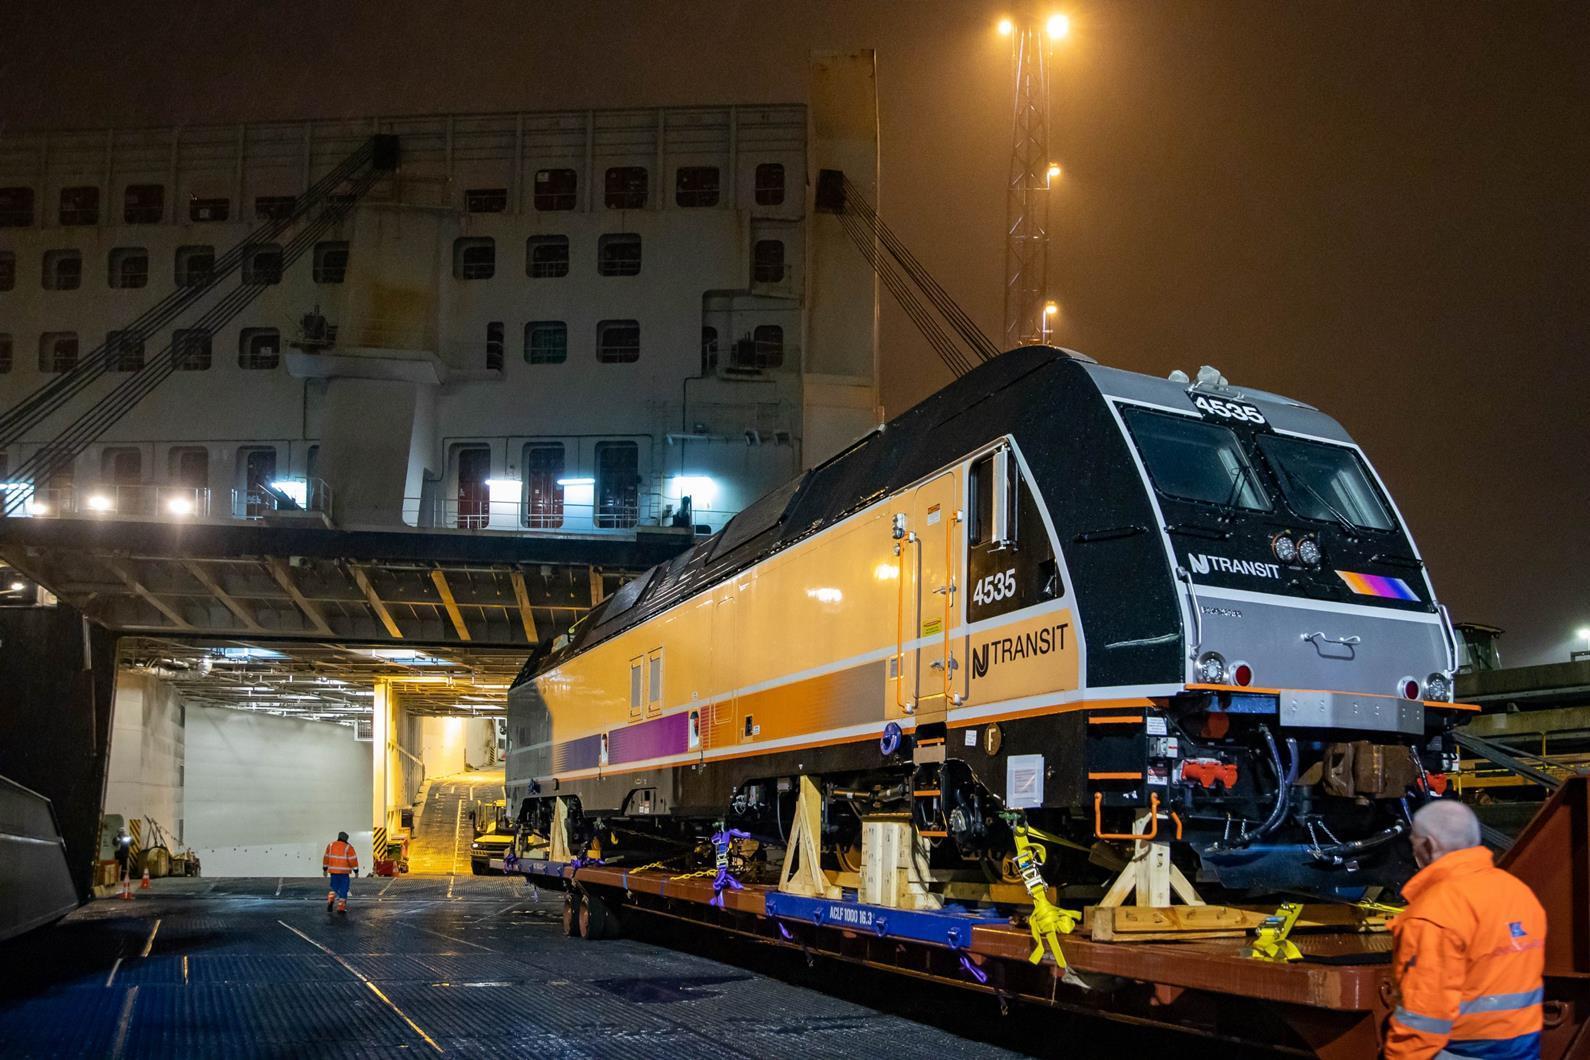 Az NJ Transit legújabb mozdonyainak szállítása igencsak összetett folyamat, a gépek közúton és hajón jutnak el Németországból az Egyesült Államokba (fotók forrása: Railway Gazette)